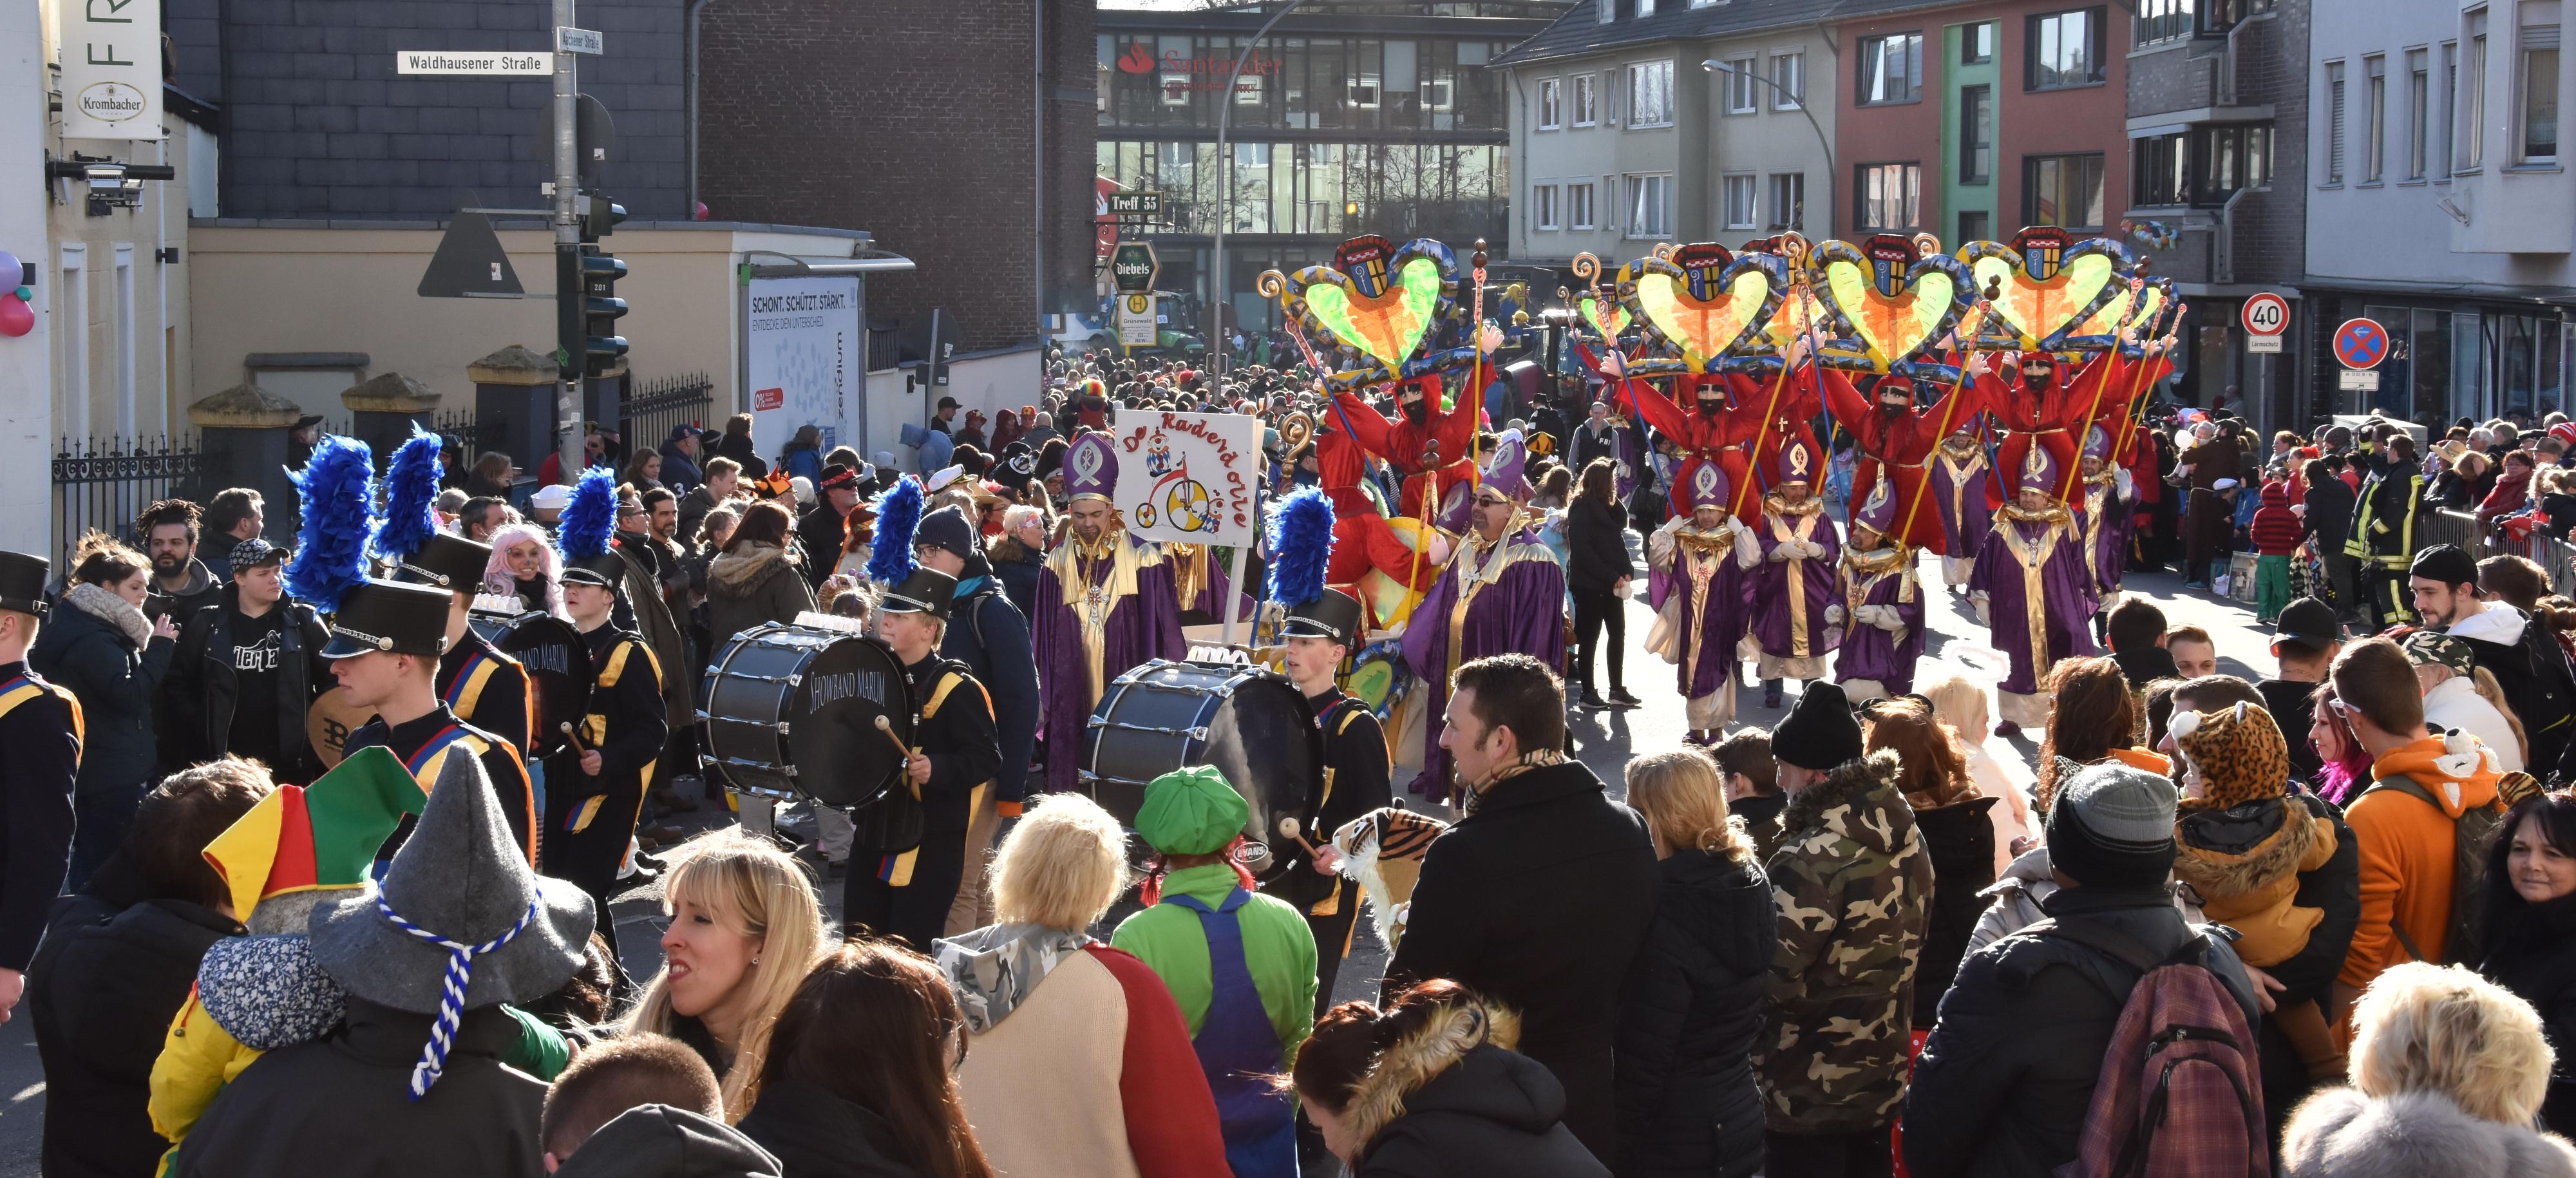 Carnaval in Mönchengladbach!